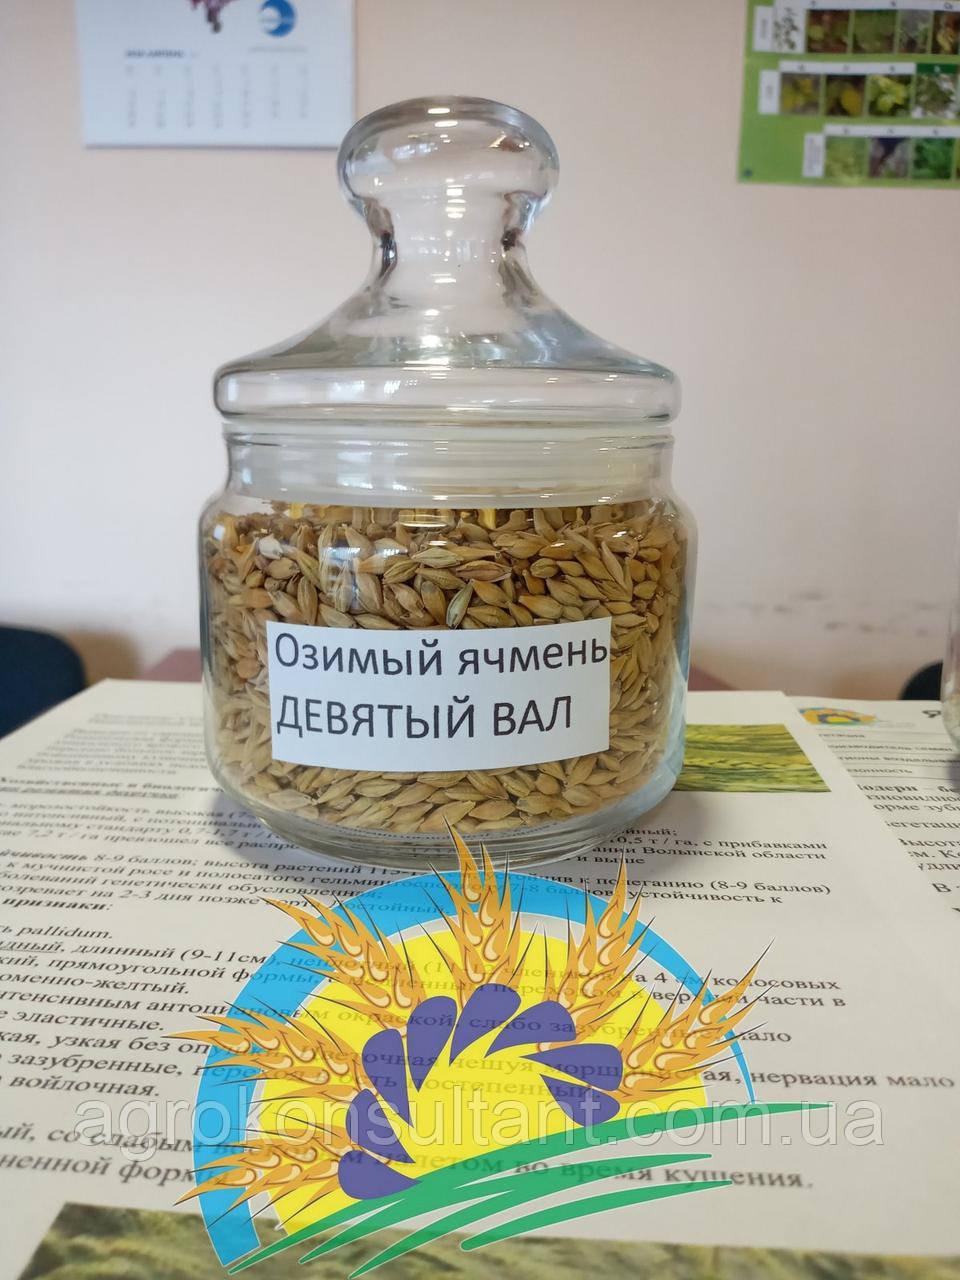 Семена озимого ячменя 9-й вал (Девятый вал), элита 2020